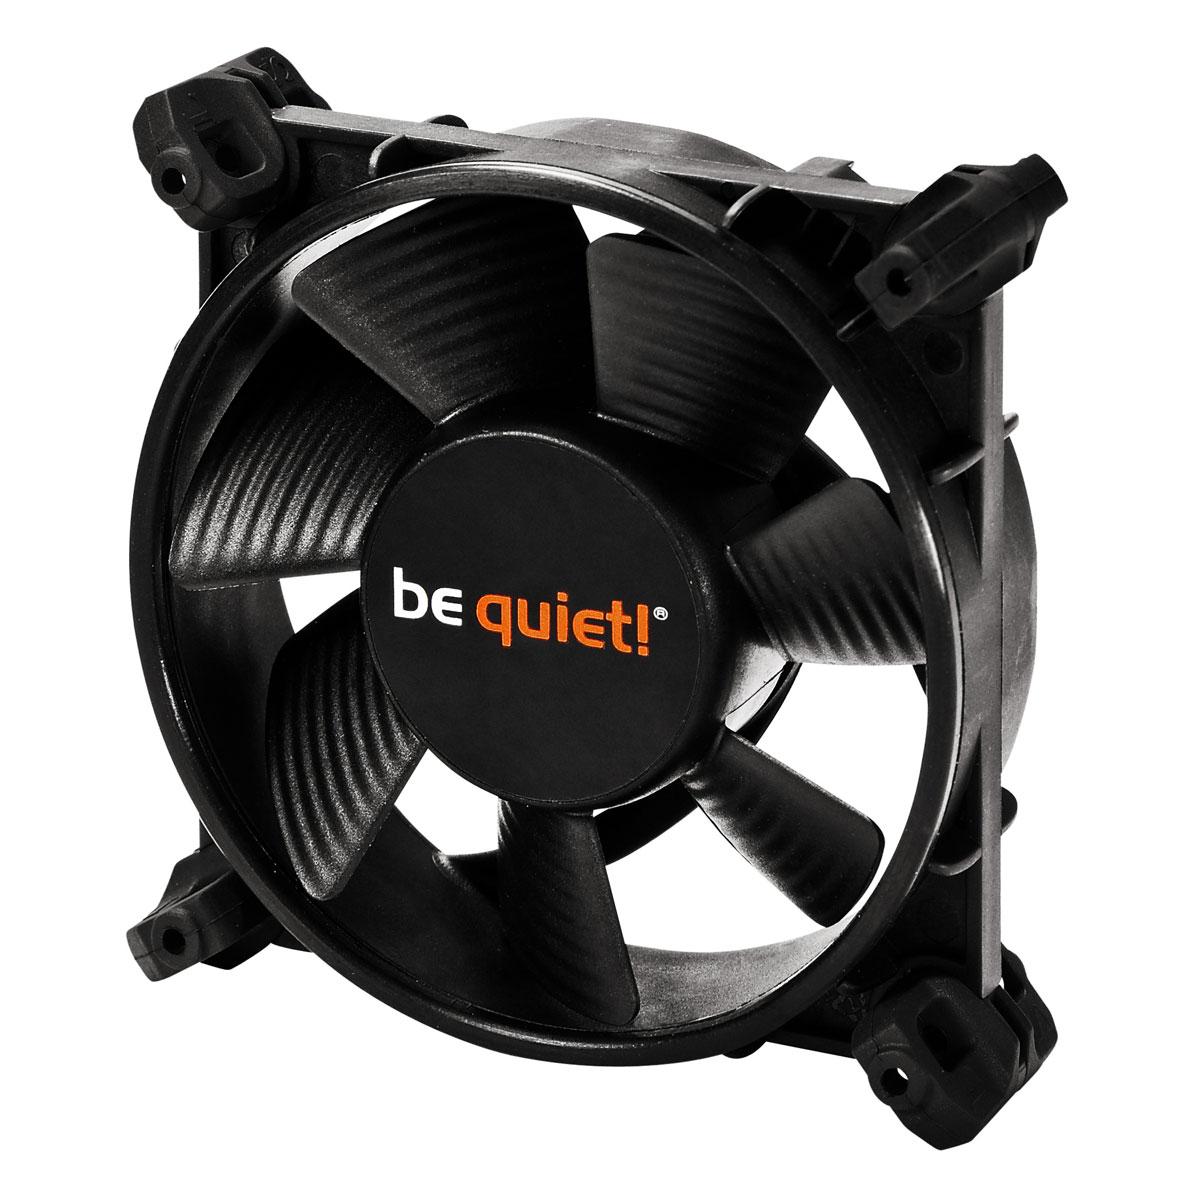 Ventilateur boîtier be quiet!  Silent Wings 2 80mm PWM Ventilateur de boîtier 80 mm (Garantie 3 ans constructeur)